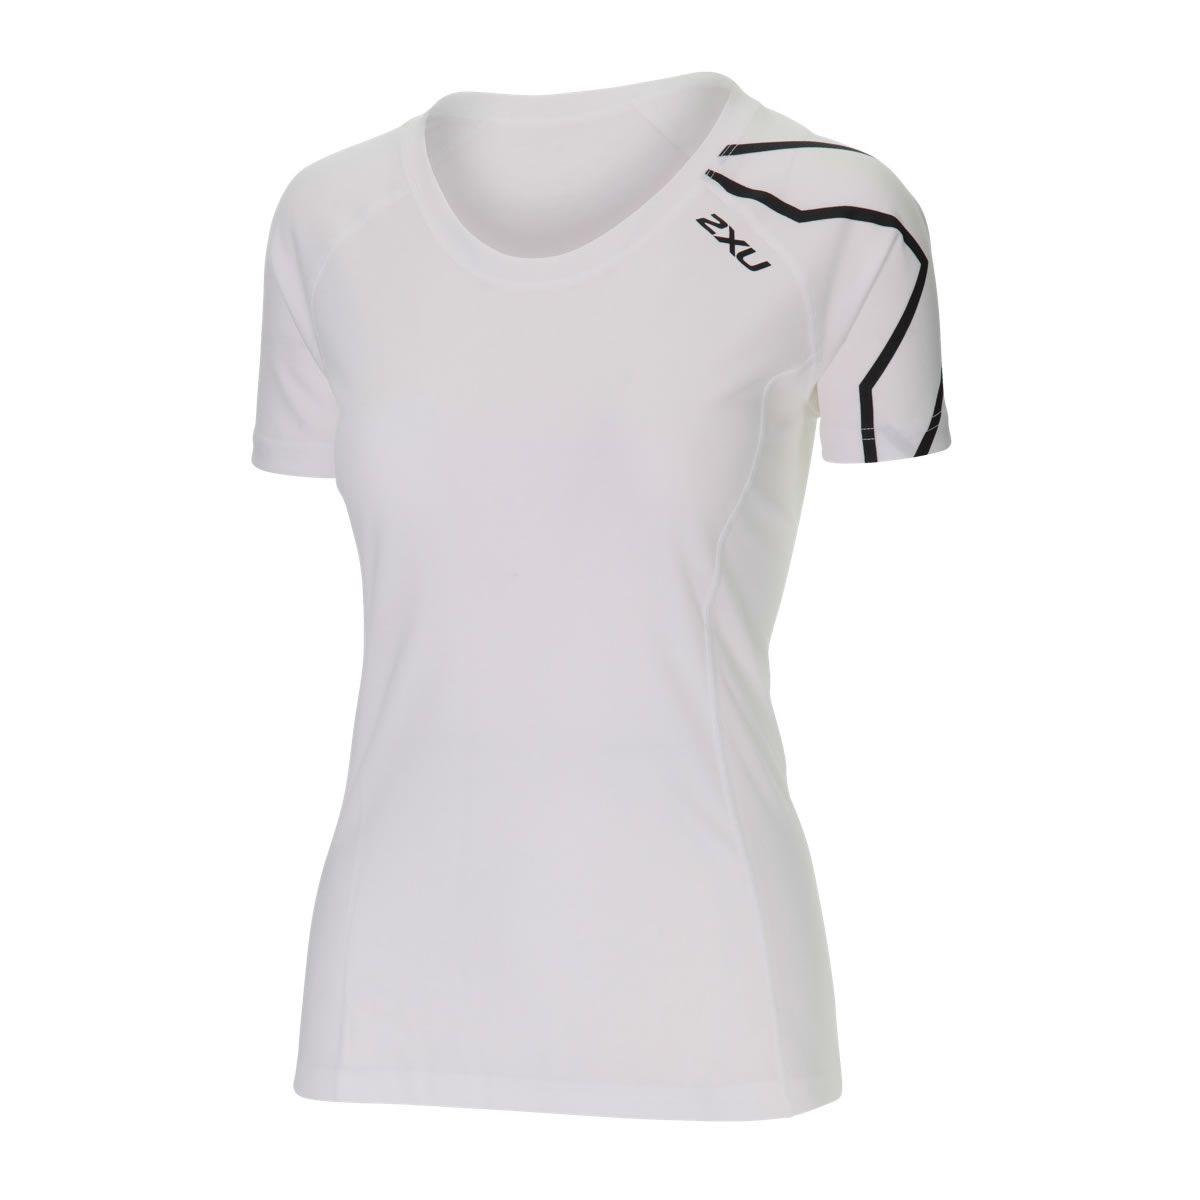 Active Laufshirt Damen - 2XU - weiss/schwarz